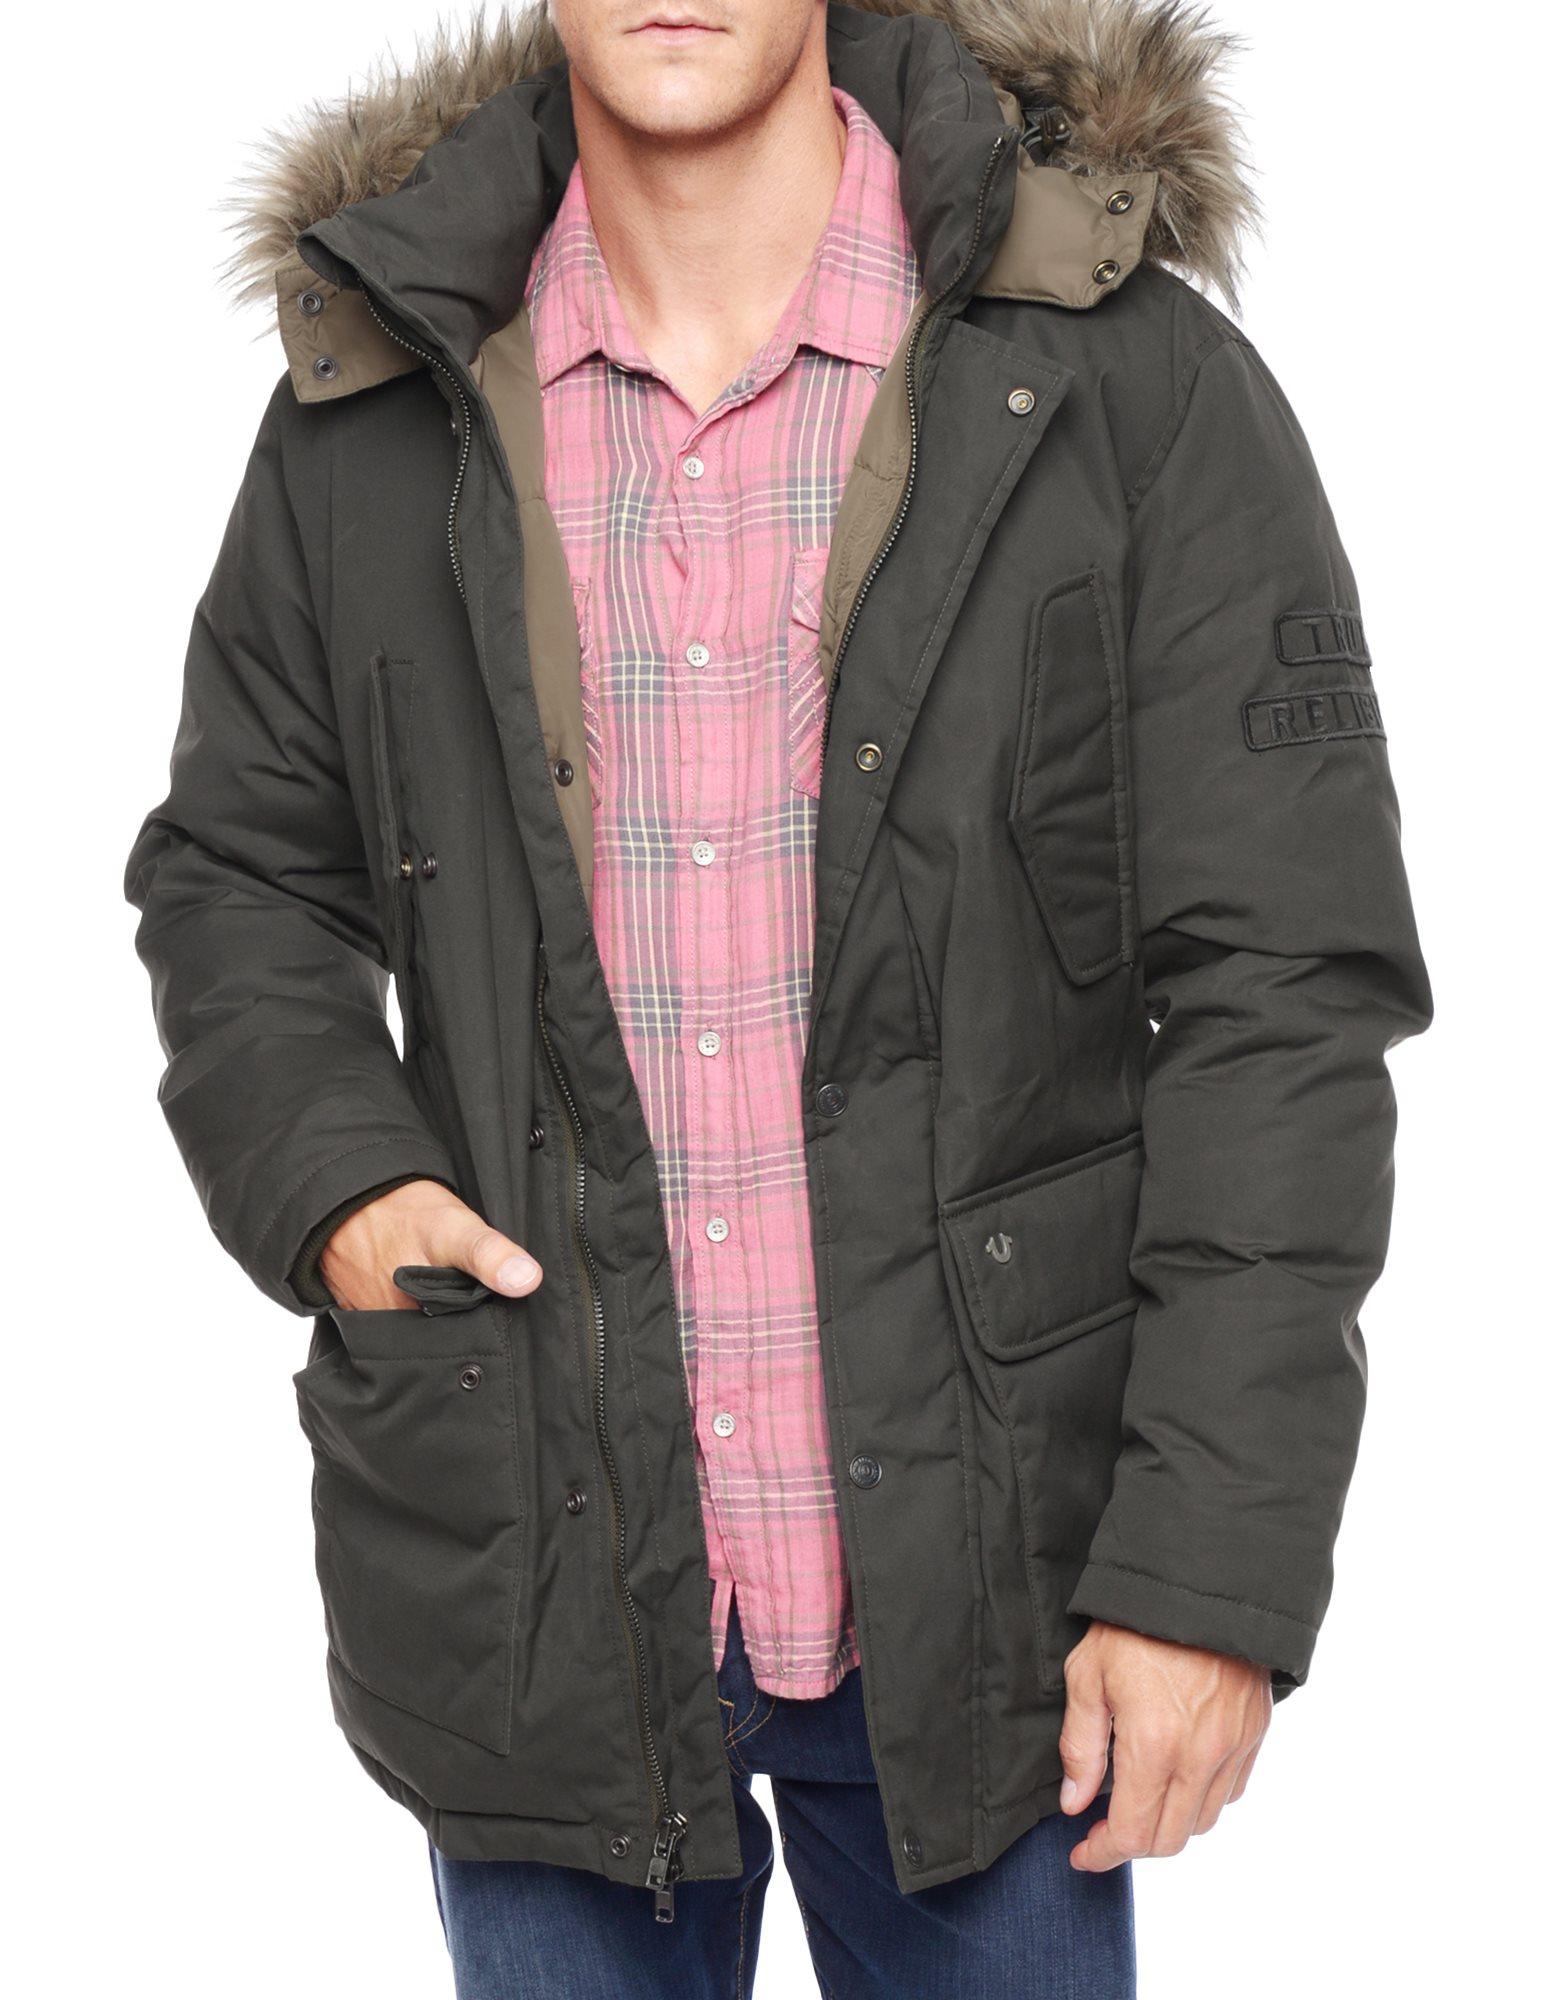 mens parka jacket with fur hood jacket to. Black Bedroom Furniture Sets. Home Design Ideas